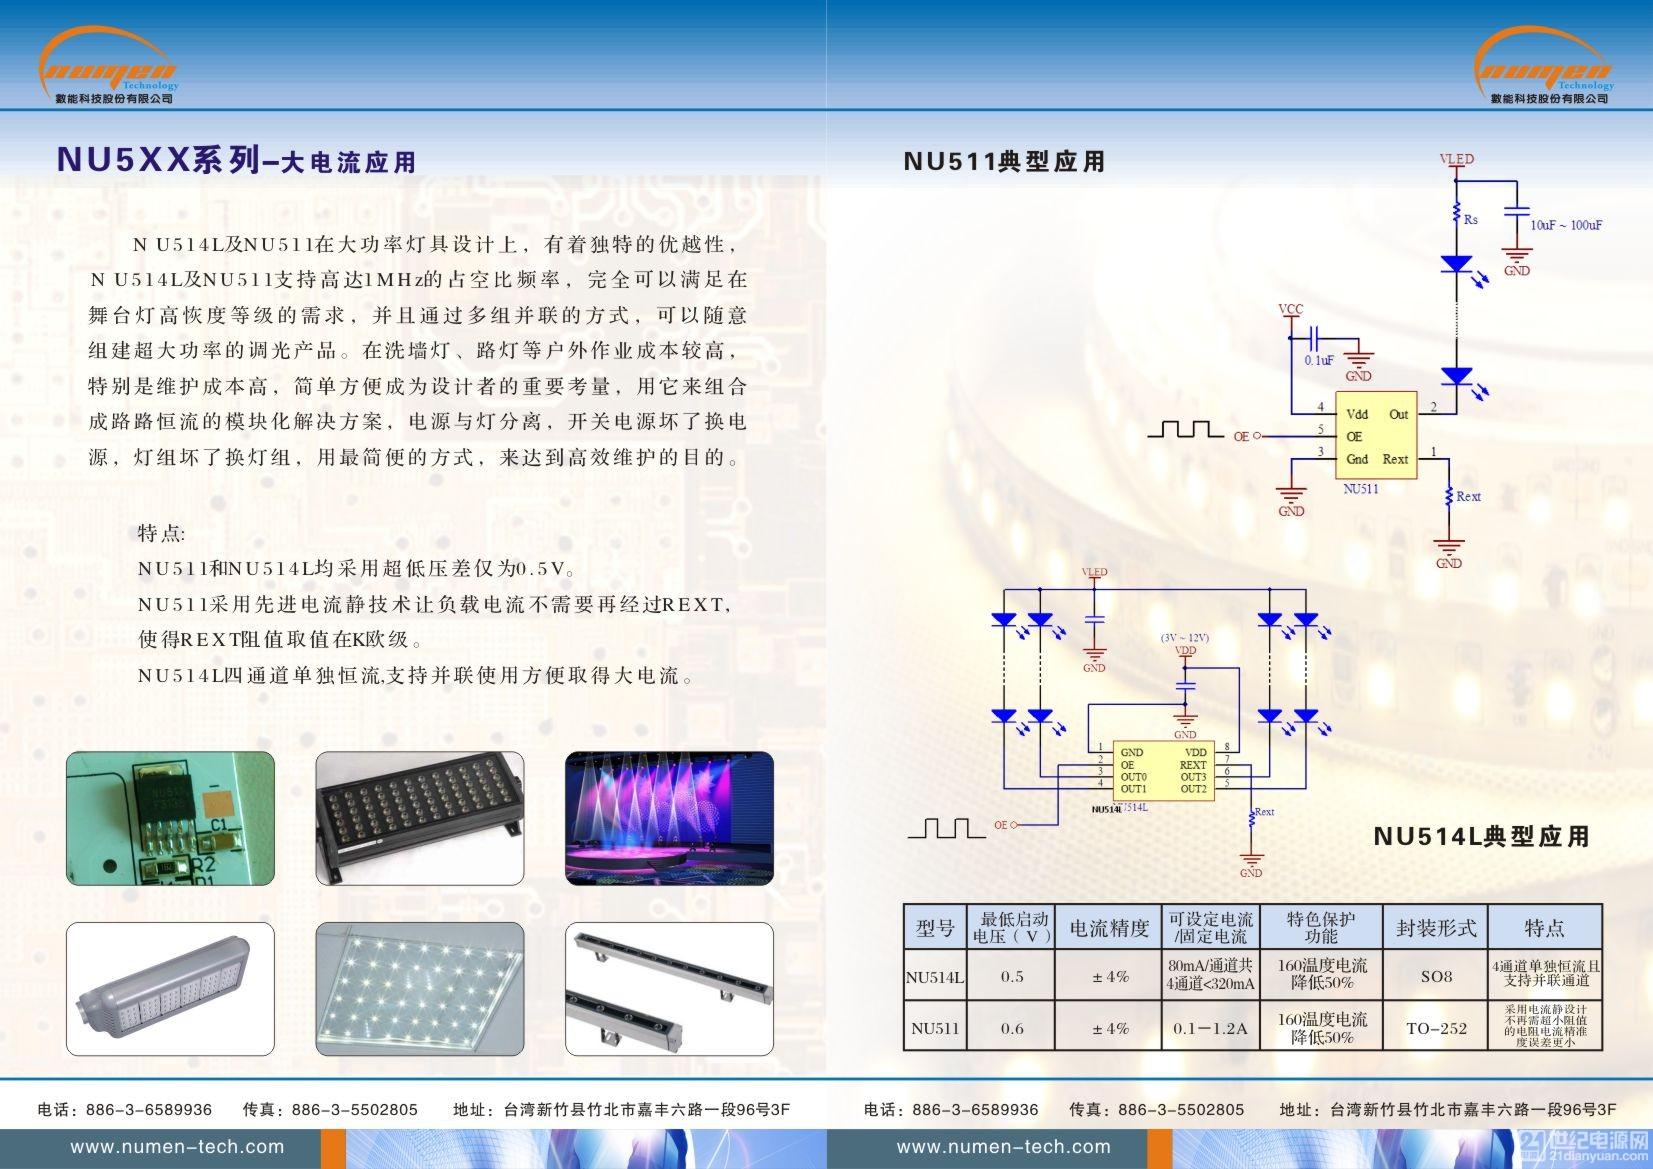 数能科技公司NU511-NU514l产品应用彩页05.jpg